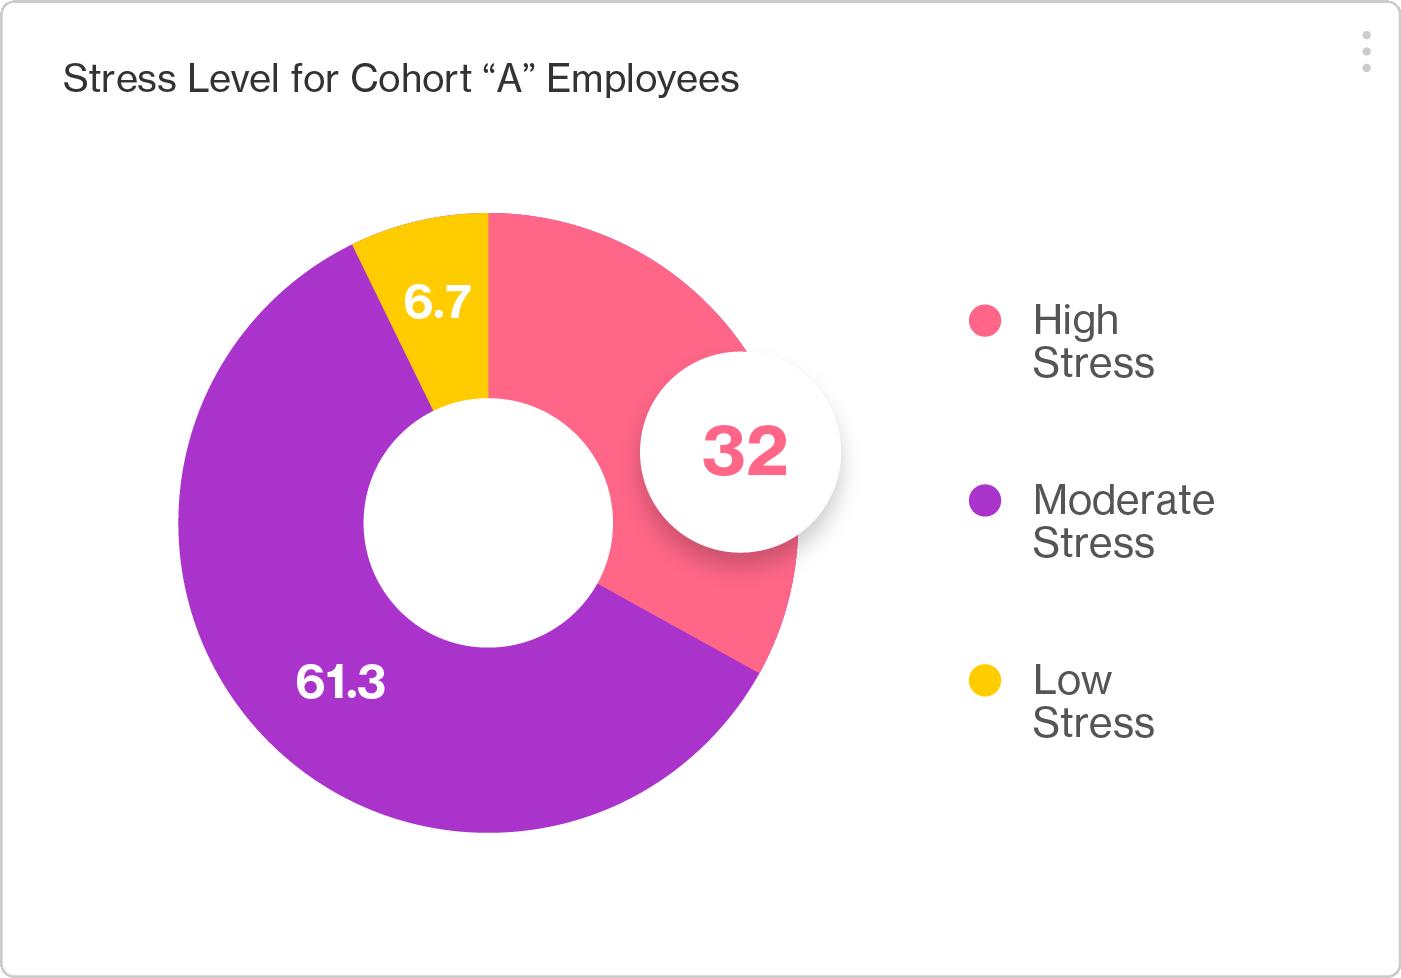 Artemis Platform screenshot indicating 32% of Cohort A report moderate stress.